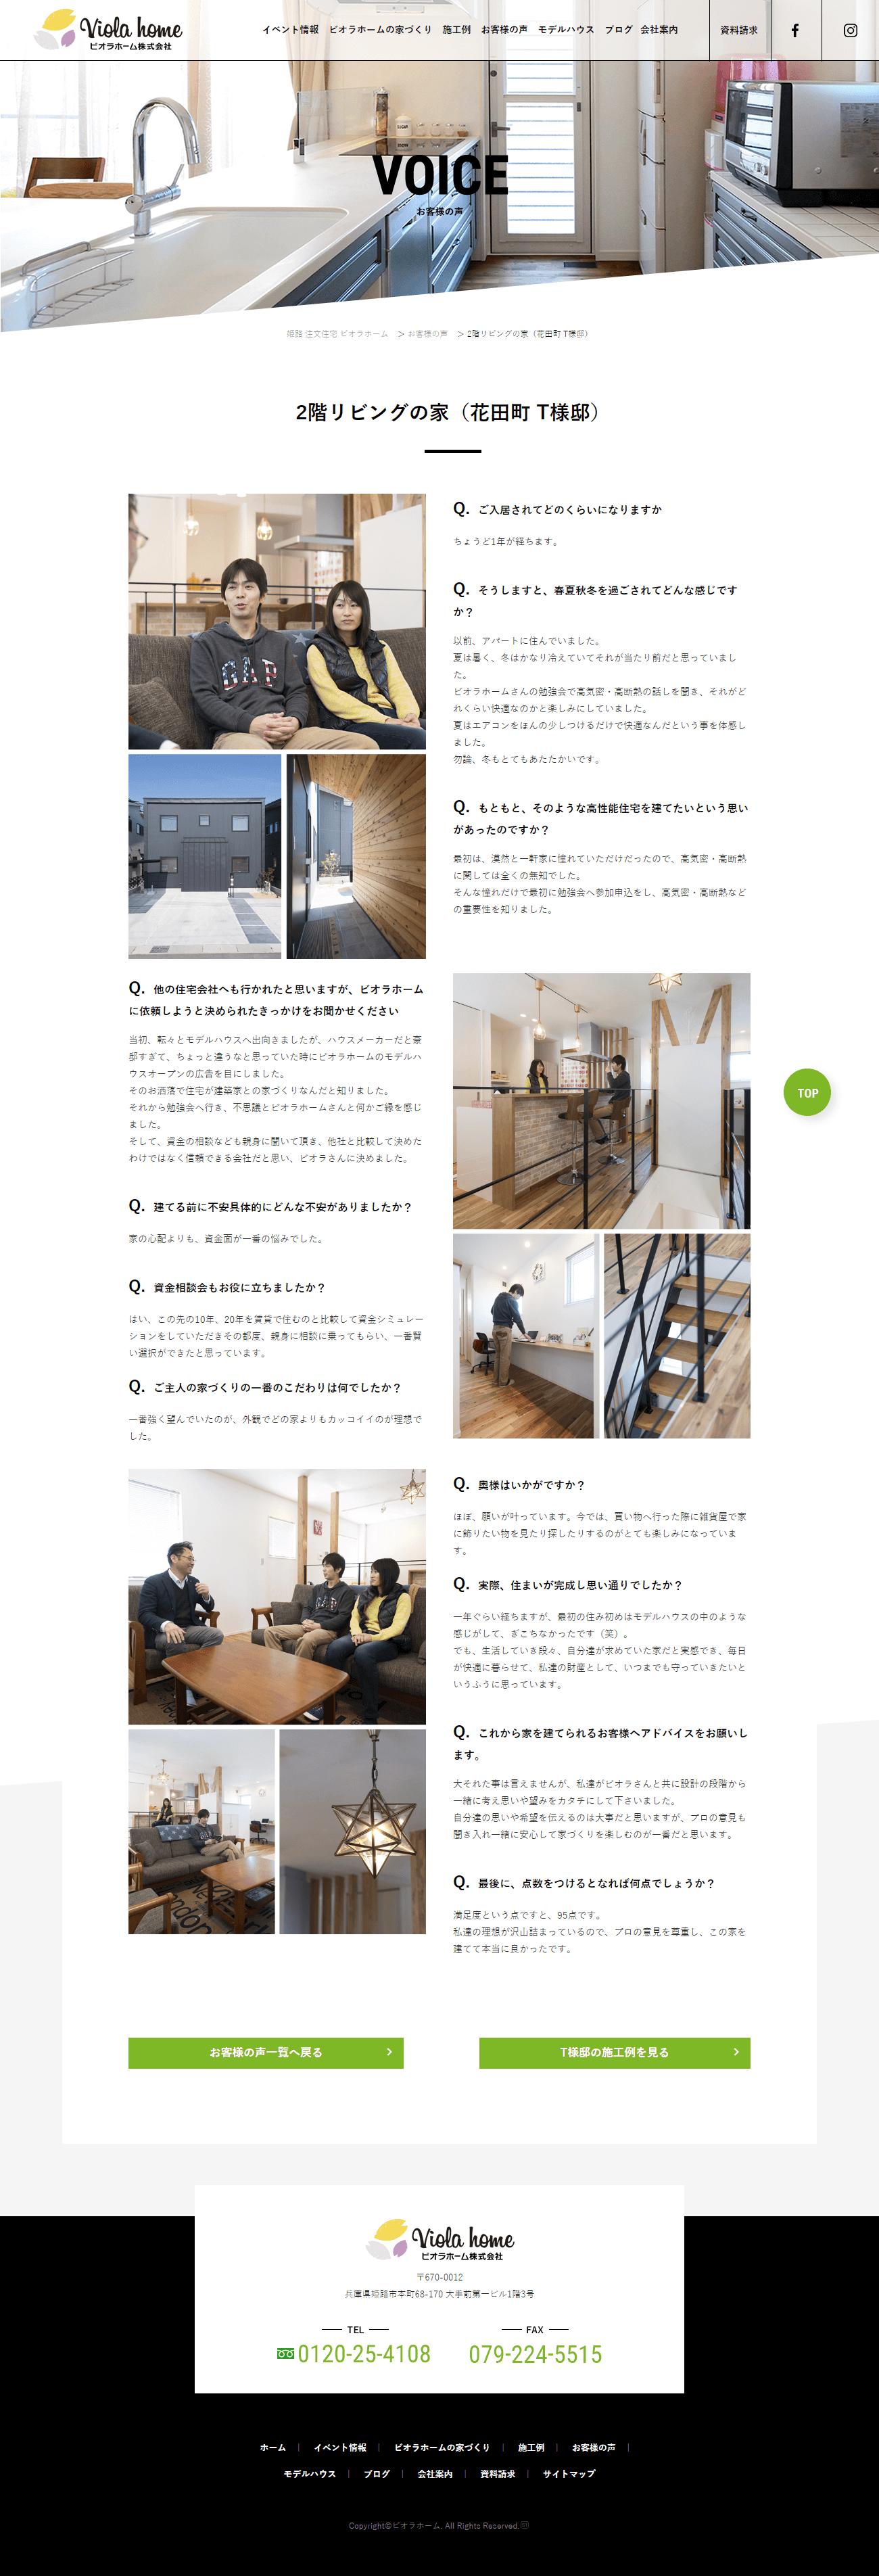 姫路市 ビオラホーム様 ホームページ制作2